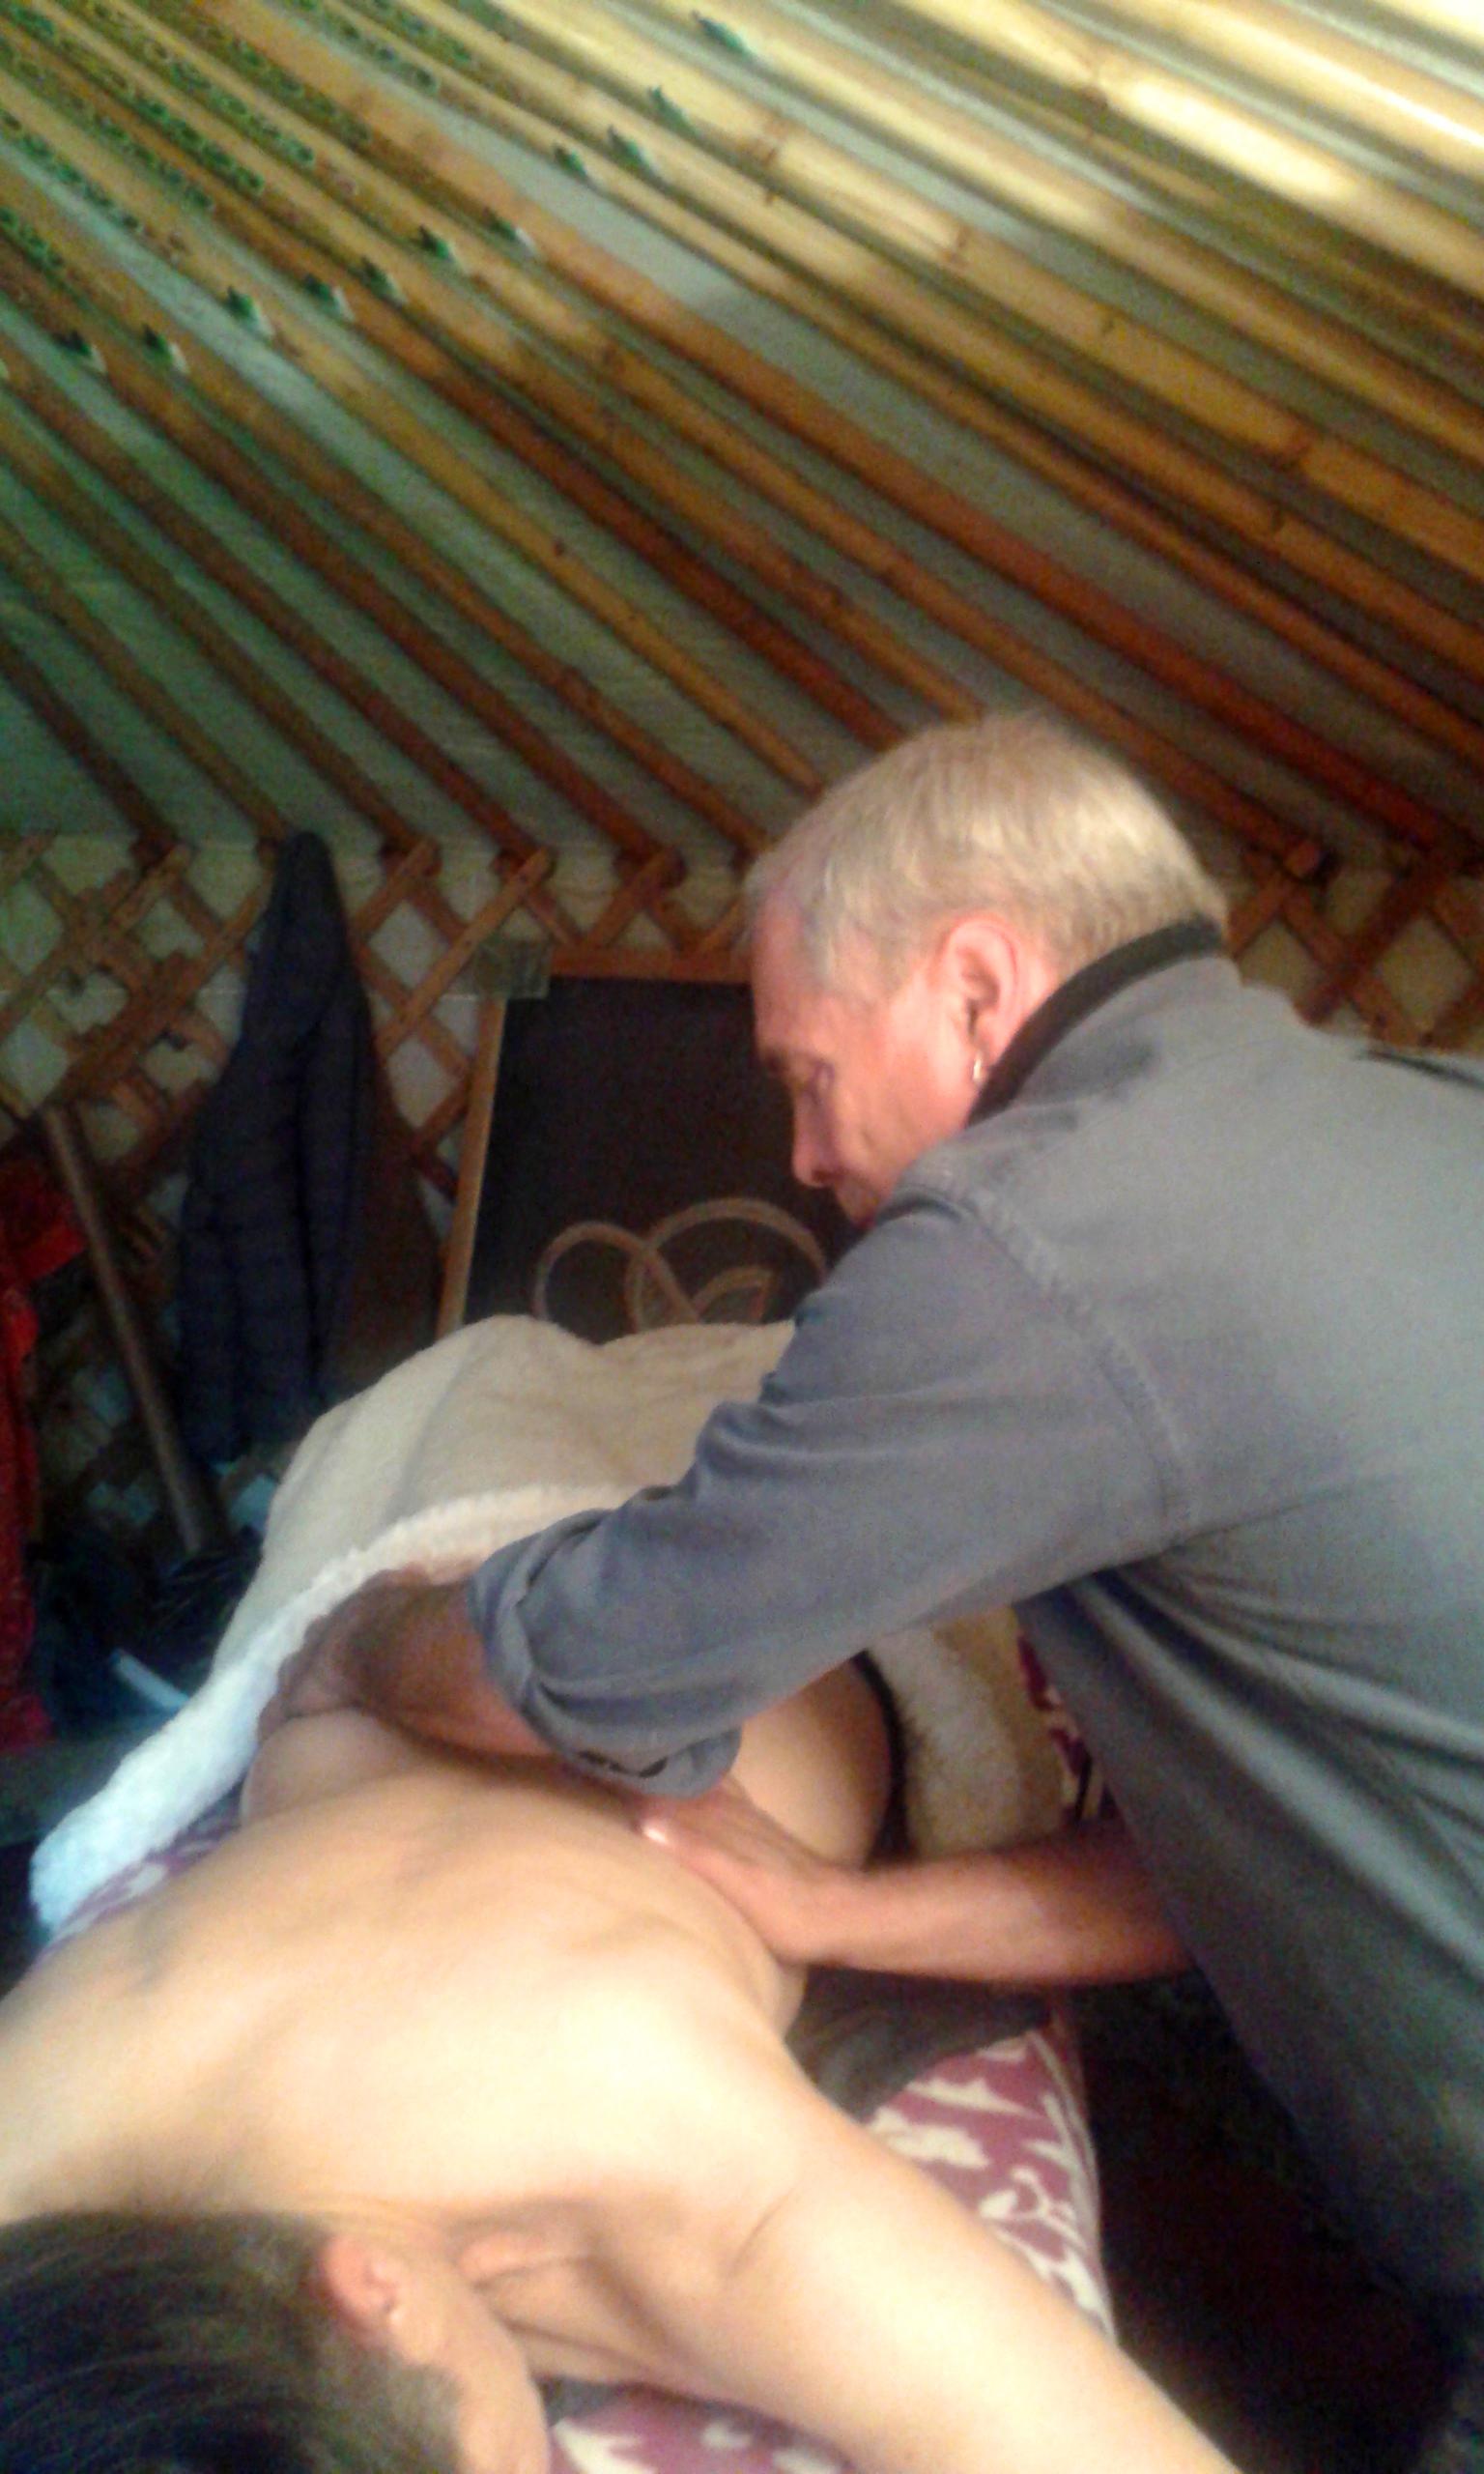 Massaggio delle correnti, schiena